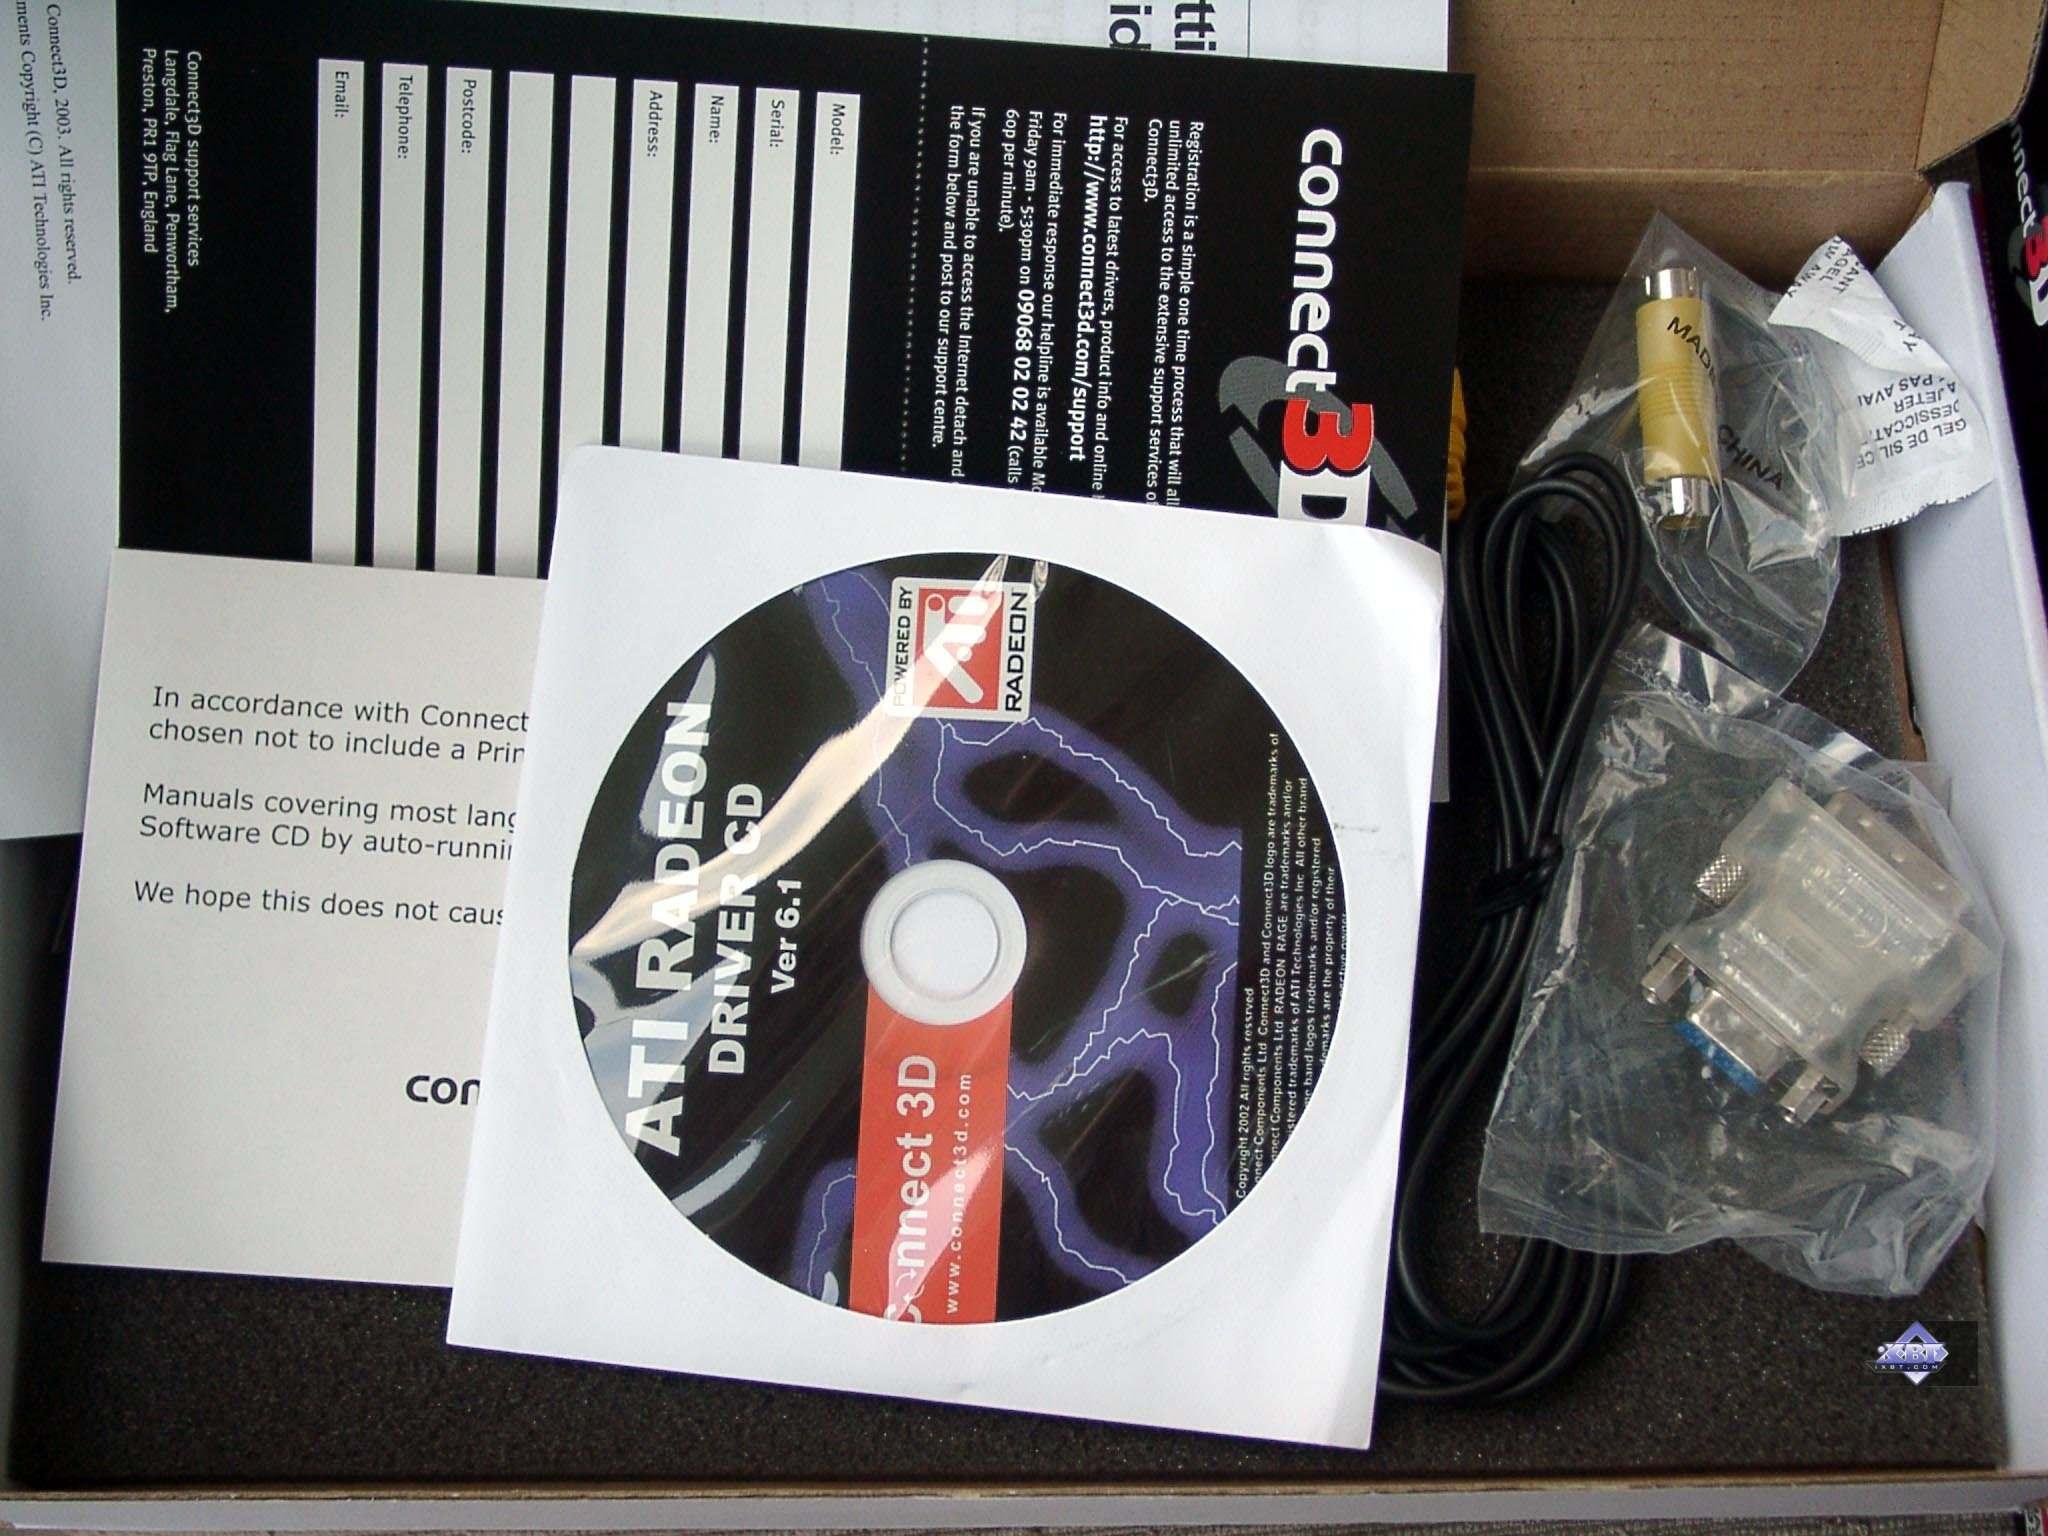 скачать видеодрайвер radeon 9600 pro 128 mb v/d/vo